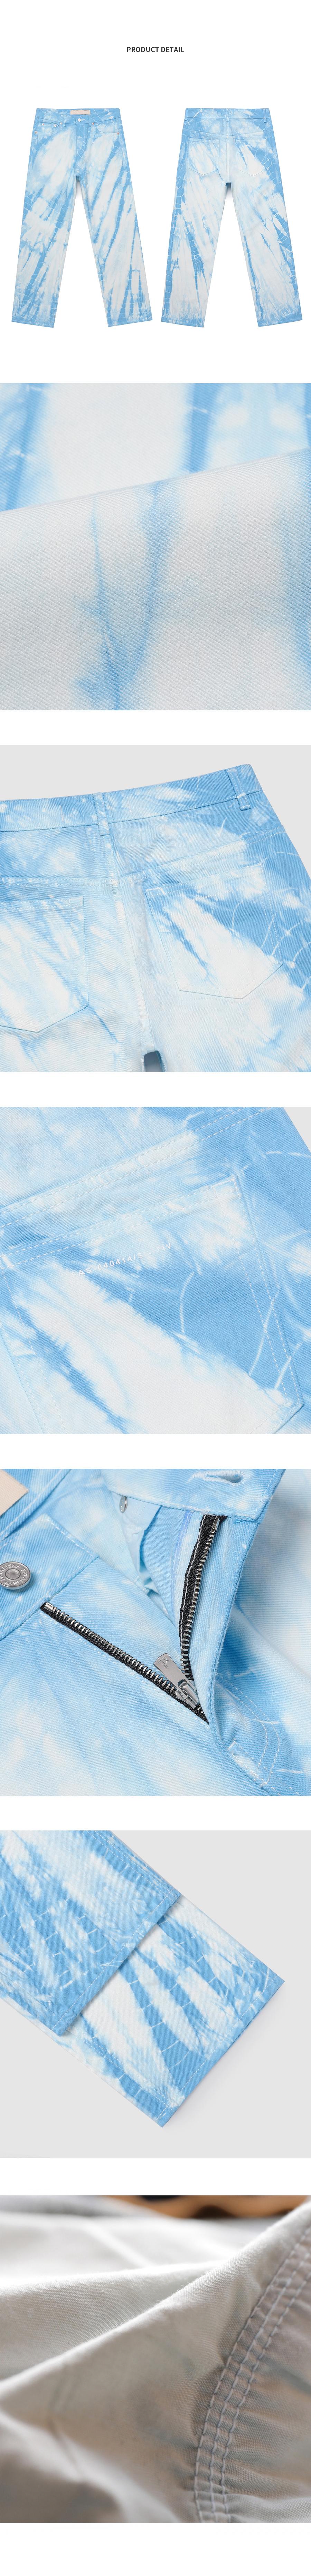 페이탈리즘(FATALISM) #0234 tie-dye denim jeans (blue)